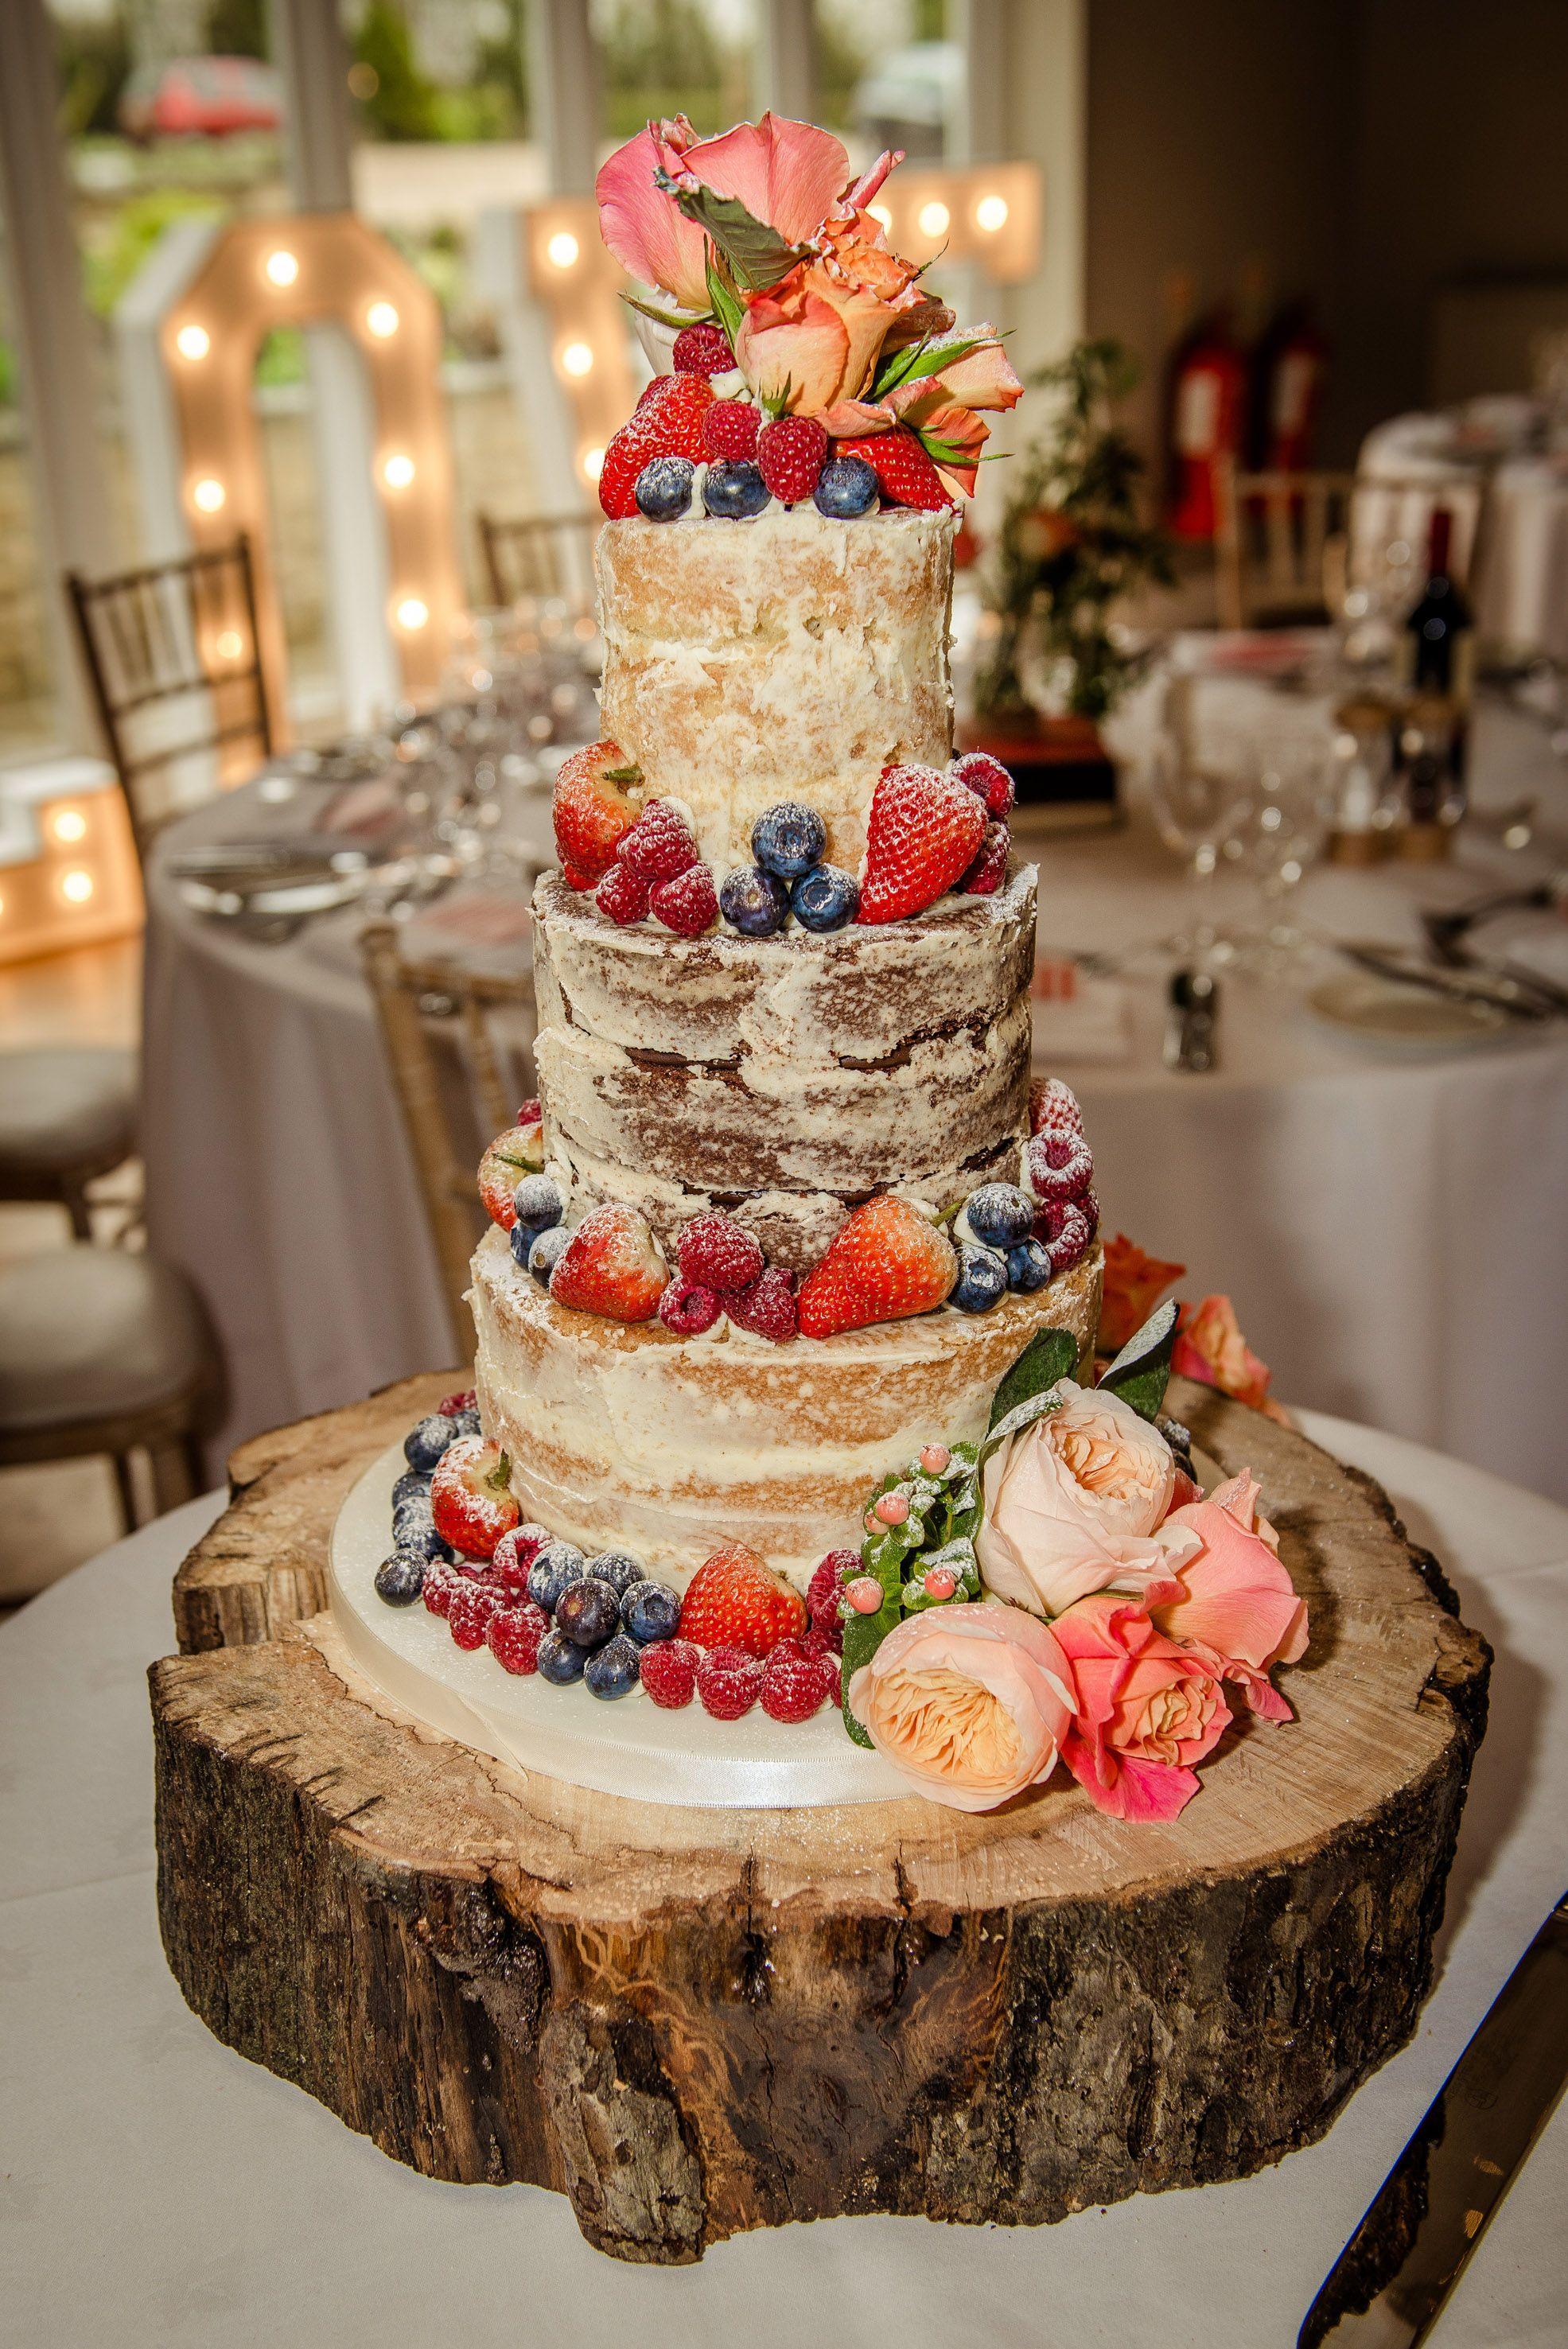 Naked Wedding Cake - rustic / shabby chic | Wedding Cake | Pinterest ...